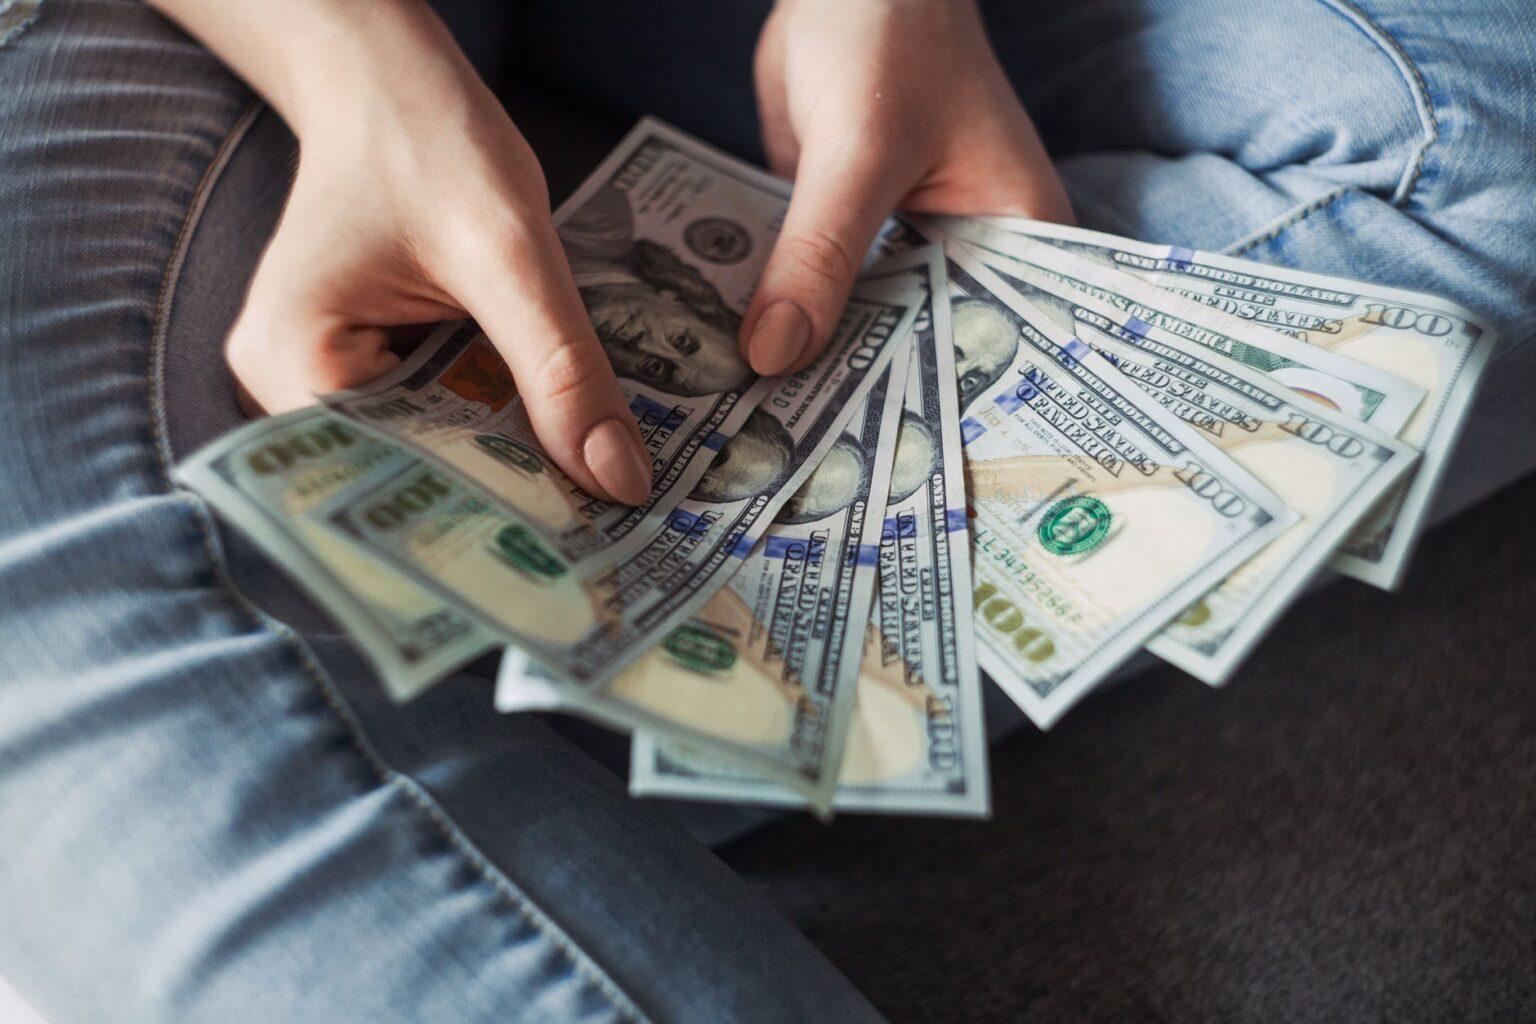 Empresa Simples de Crédito: saiba mais sobre esse tipo de empresa